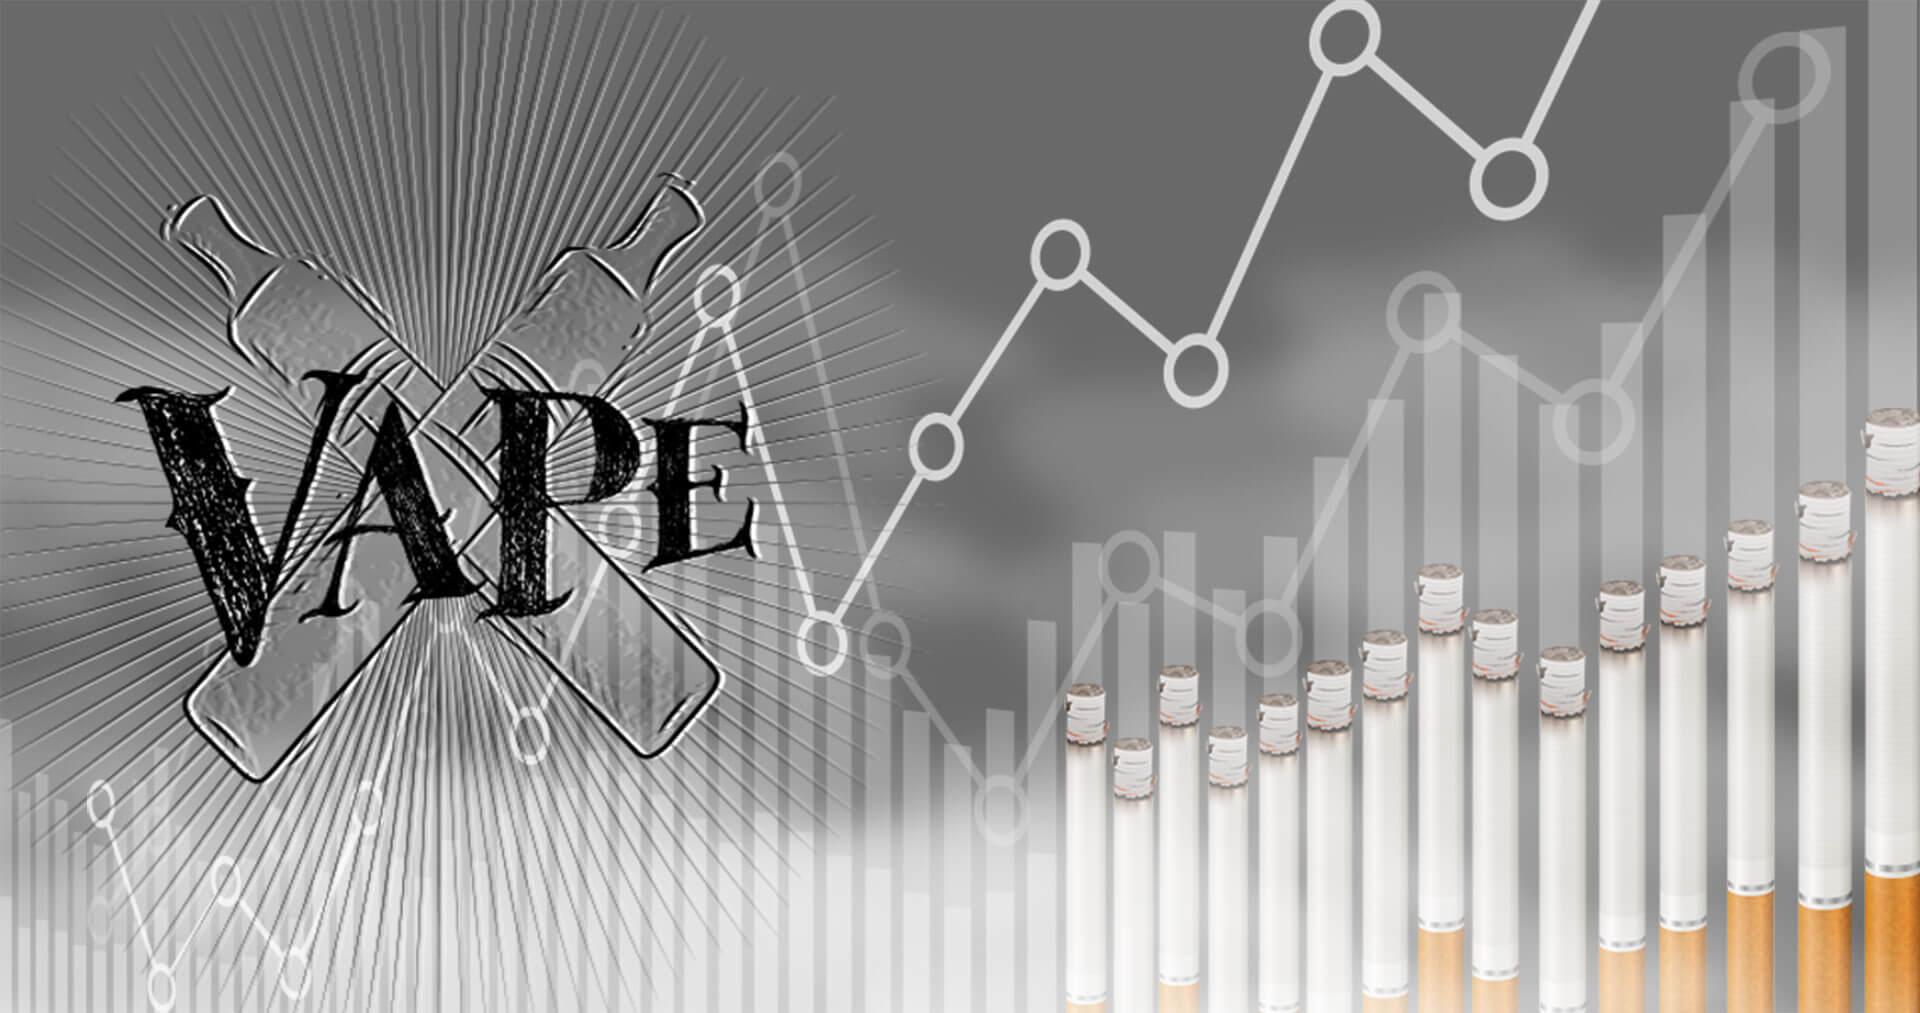 La vape permet-elle vraiment de faire des économies?